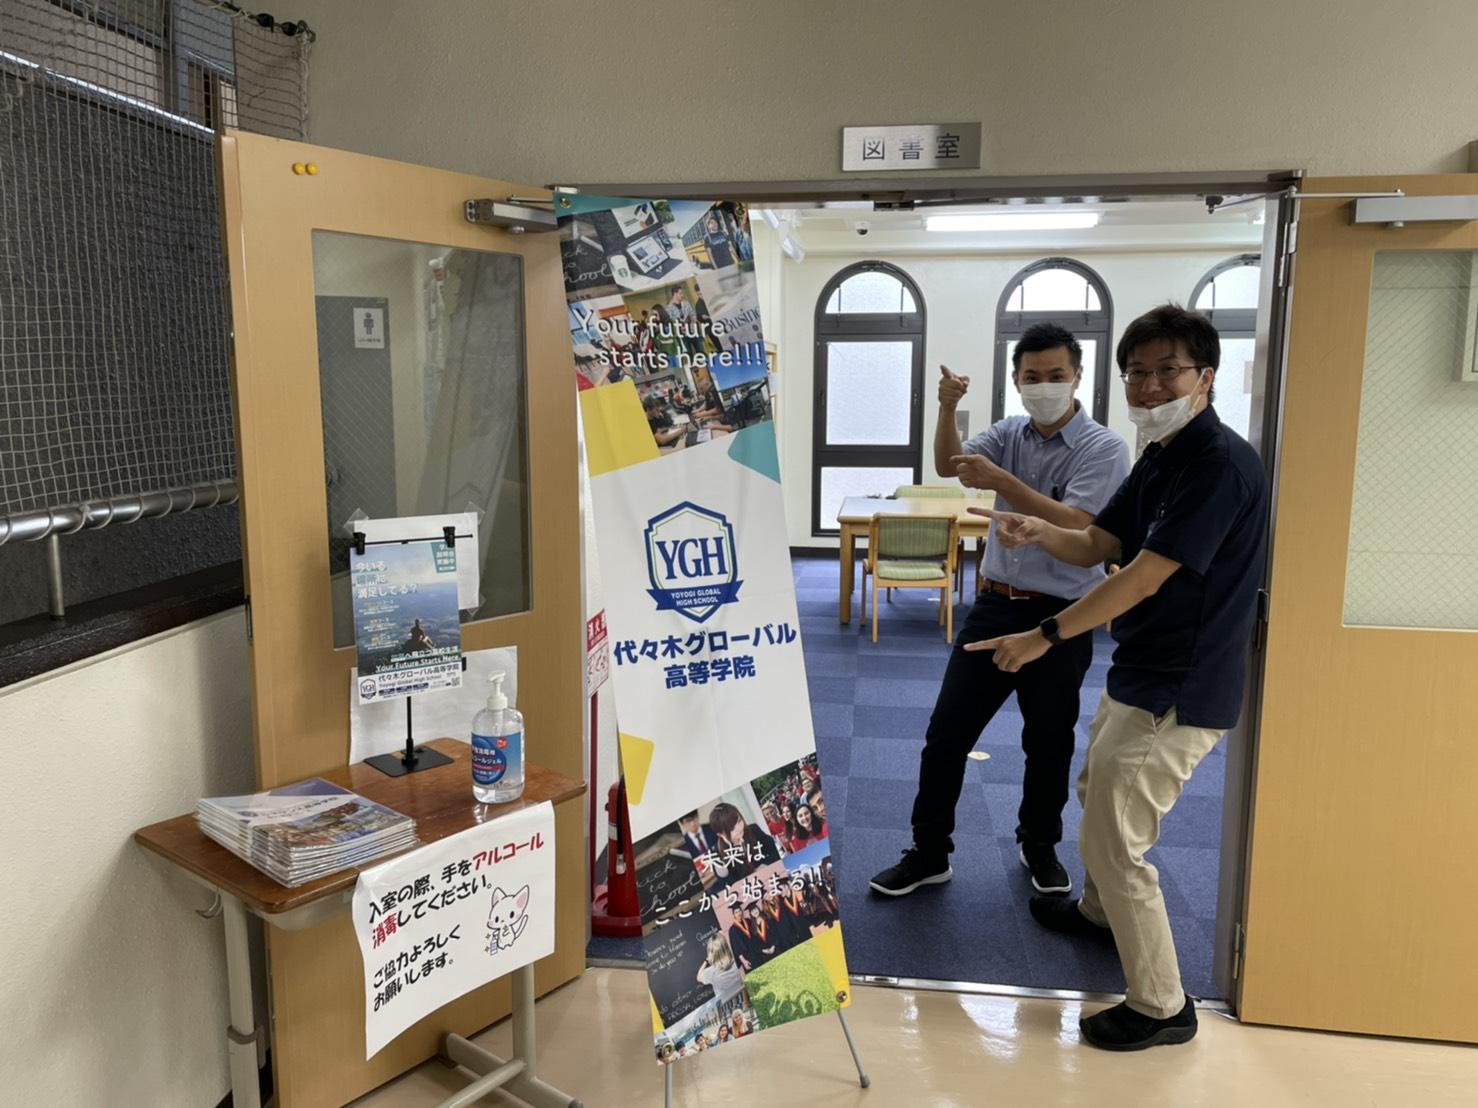 【オープンキャンパス】7月18日ルネサンス大阪高等学校のオープンキャンパスに参加しました! | 代々木グローバル高等学院[公式]